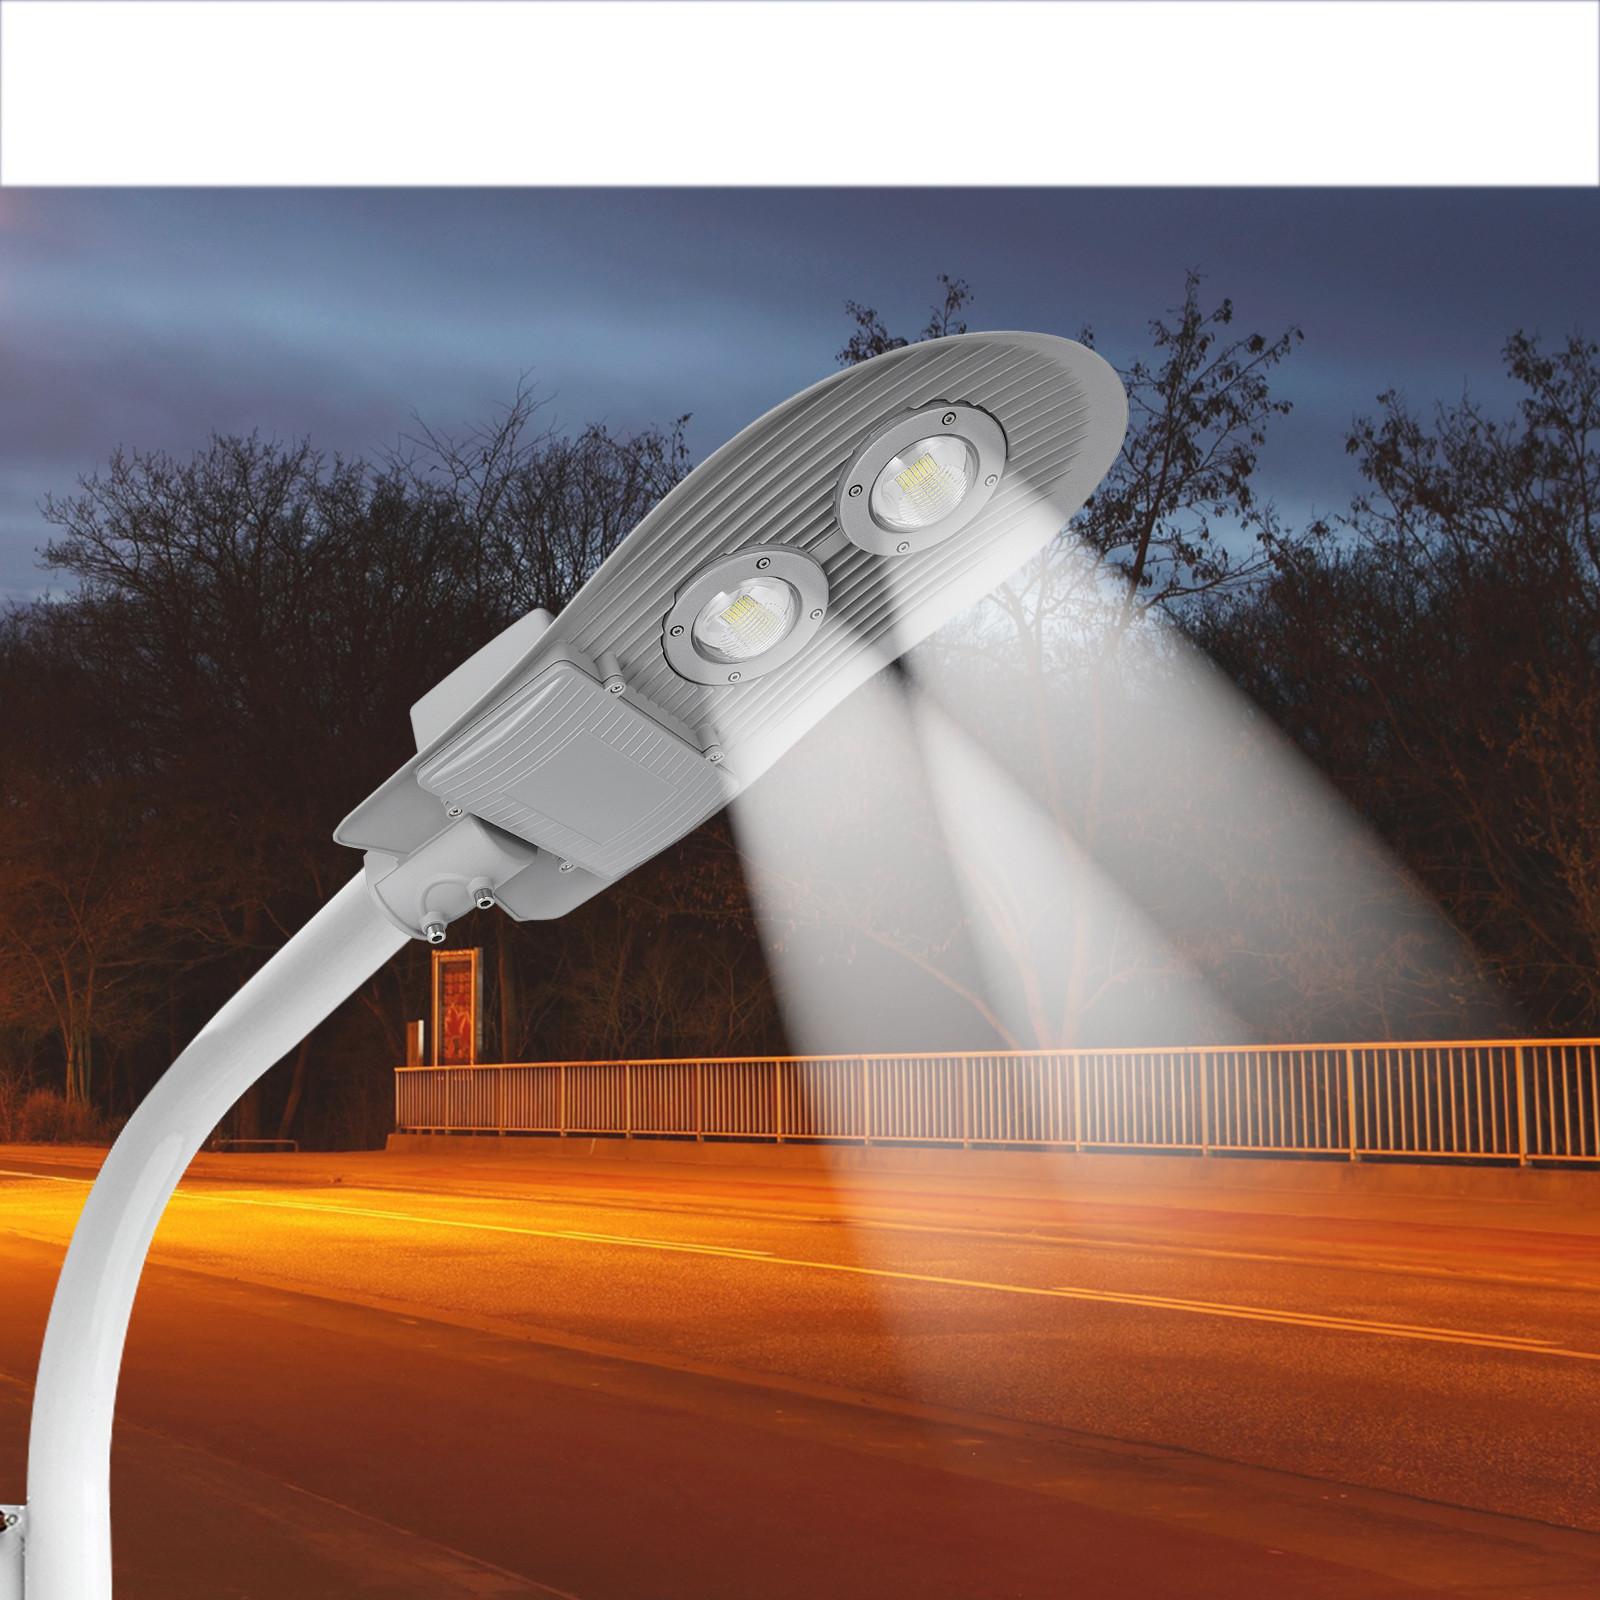 30w 100w 150w led stra enlaterne stra enbeleuchtung licht. Black Bedroom Furniture Sets. Home Design Ideas